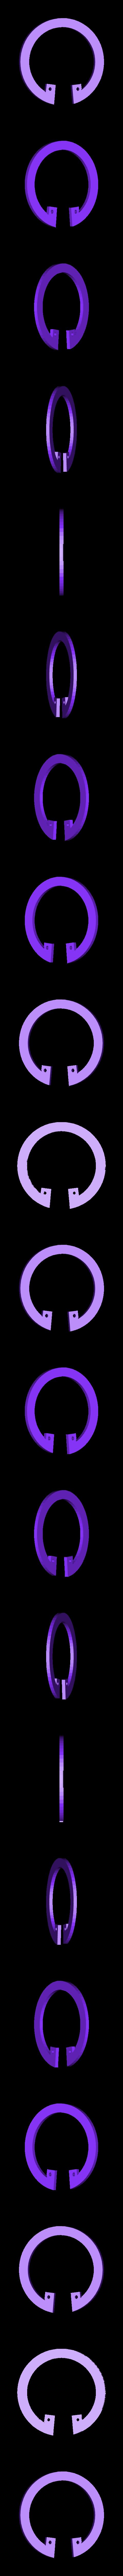 Fantabulous_Hillar.stl Télécharger fichier STL gratuit Snap Ring • Modèle imprimable en 3D, 3DPrintingGurus